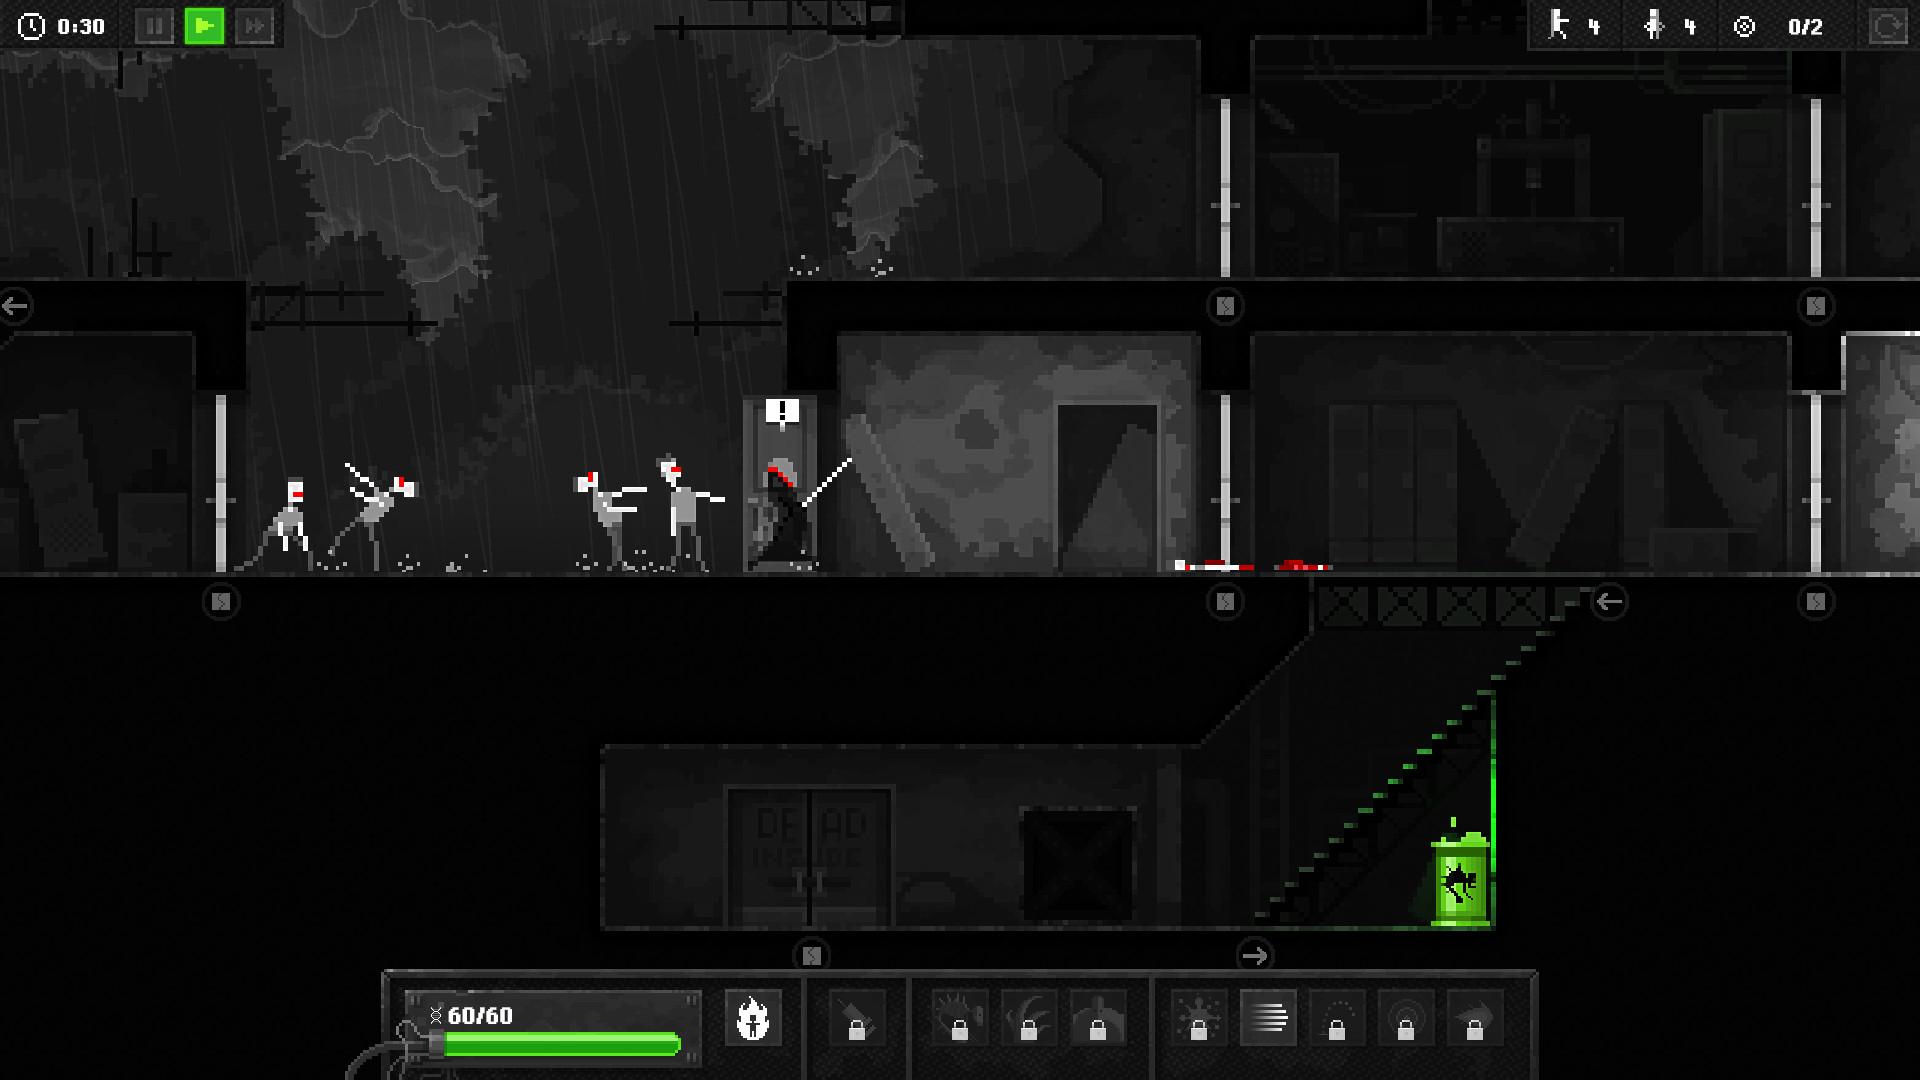 Zombie Night Terror Screenshot 1